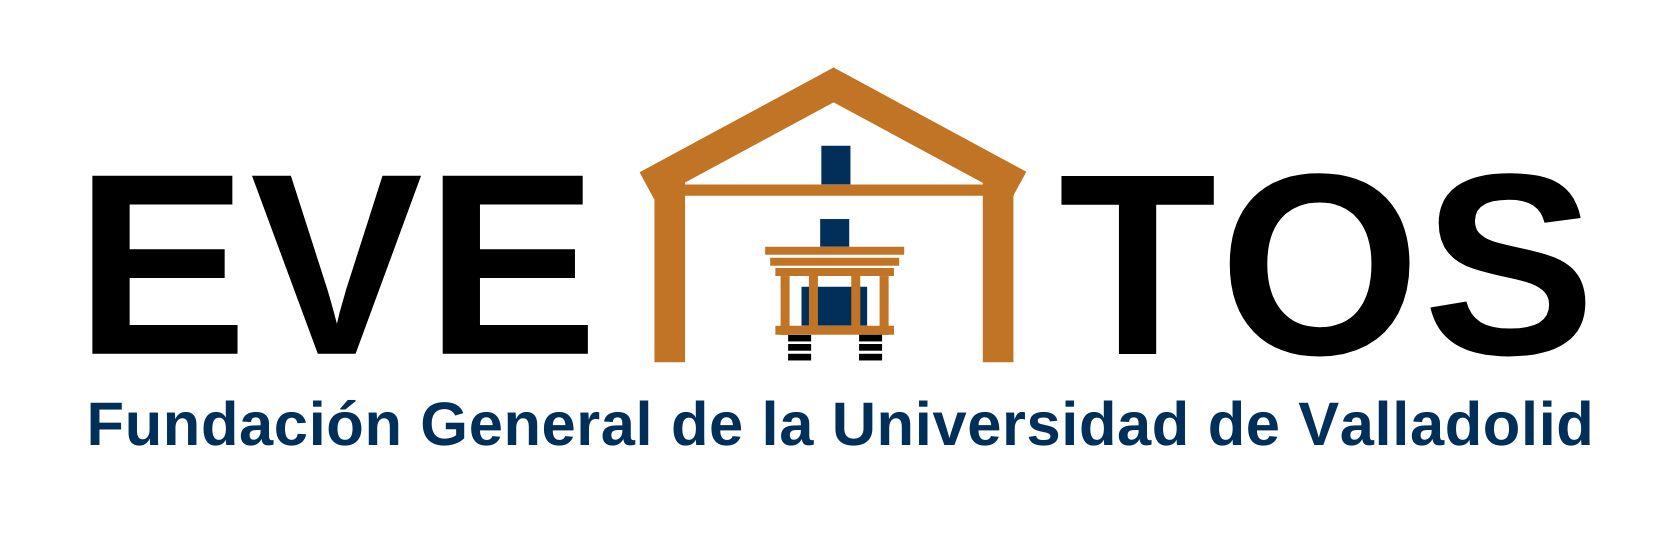 Logo Eventos Fundación General de la Universidad de Valladolid